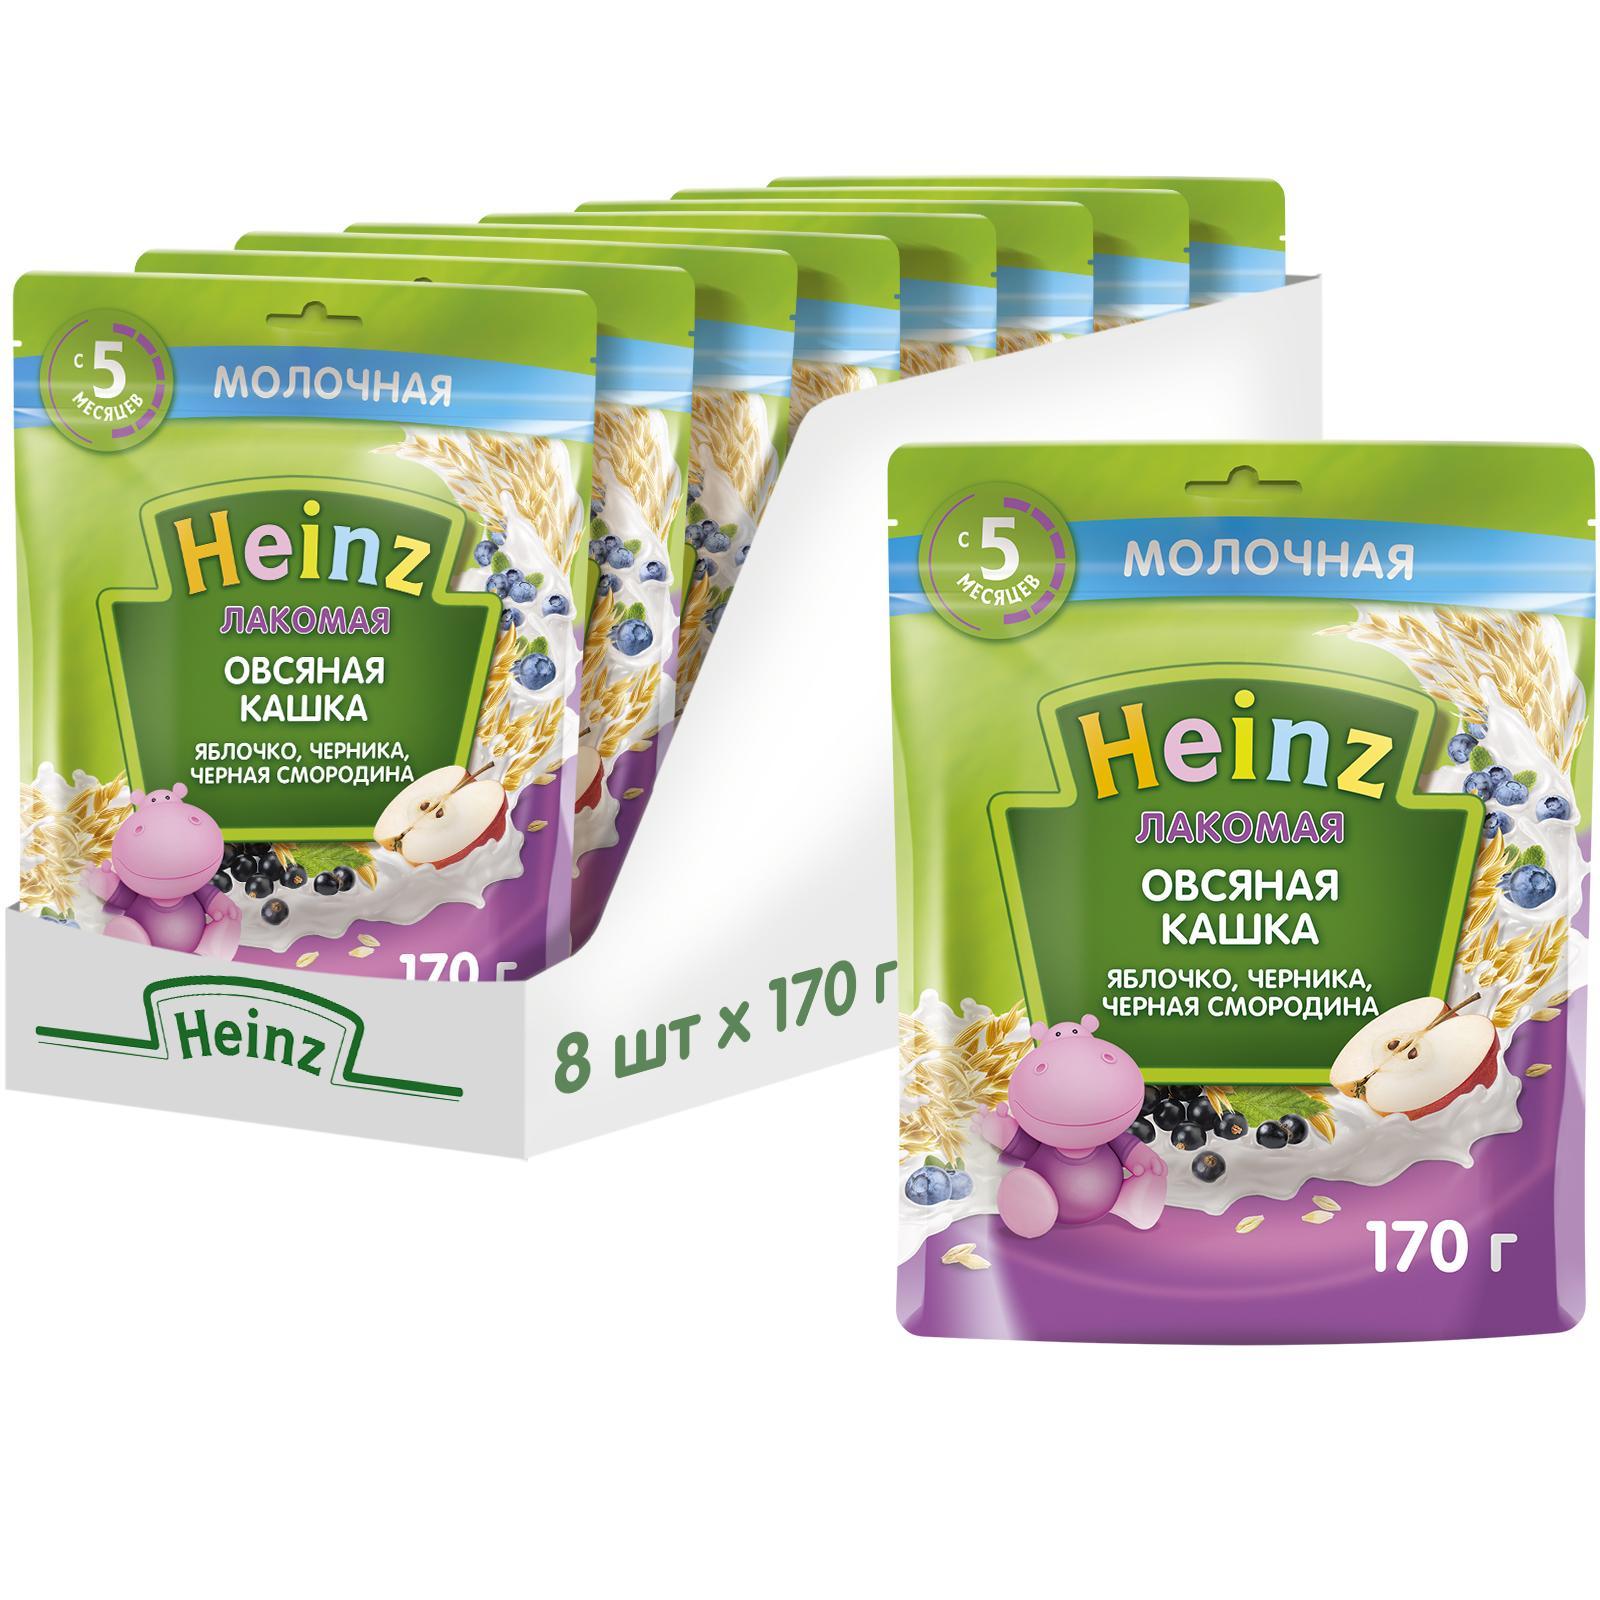 Купить Каша молочная Heinz Овсяная яблоко, черника, чёрная смородина с 5 мес. 170 г, 8 шт.,